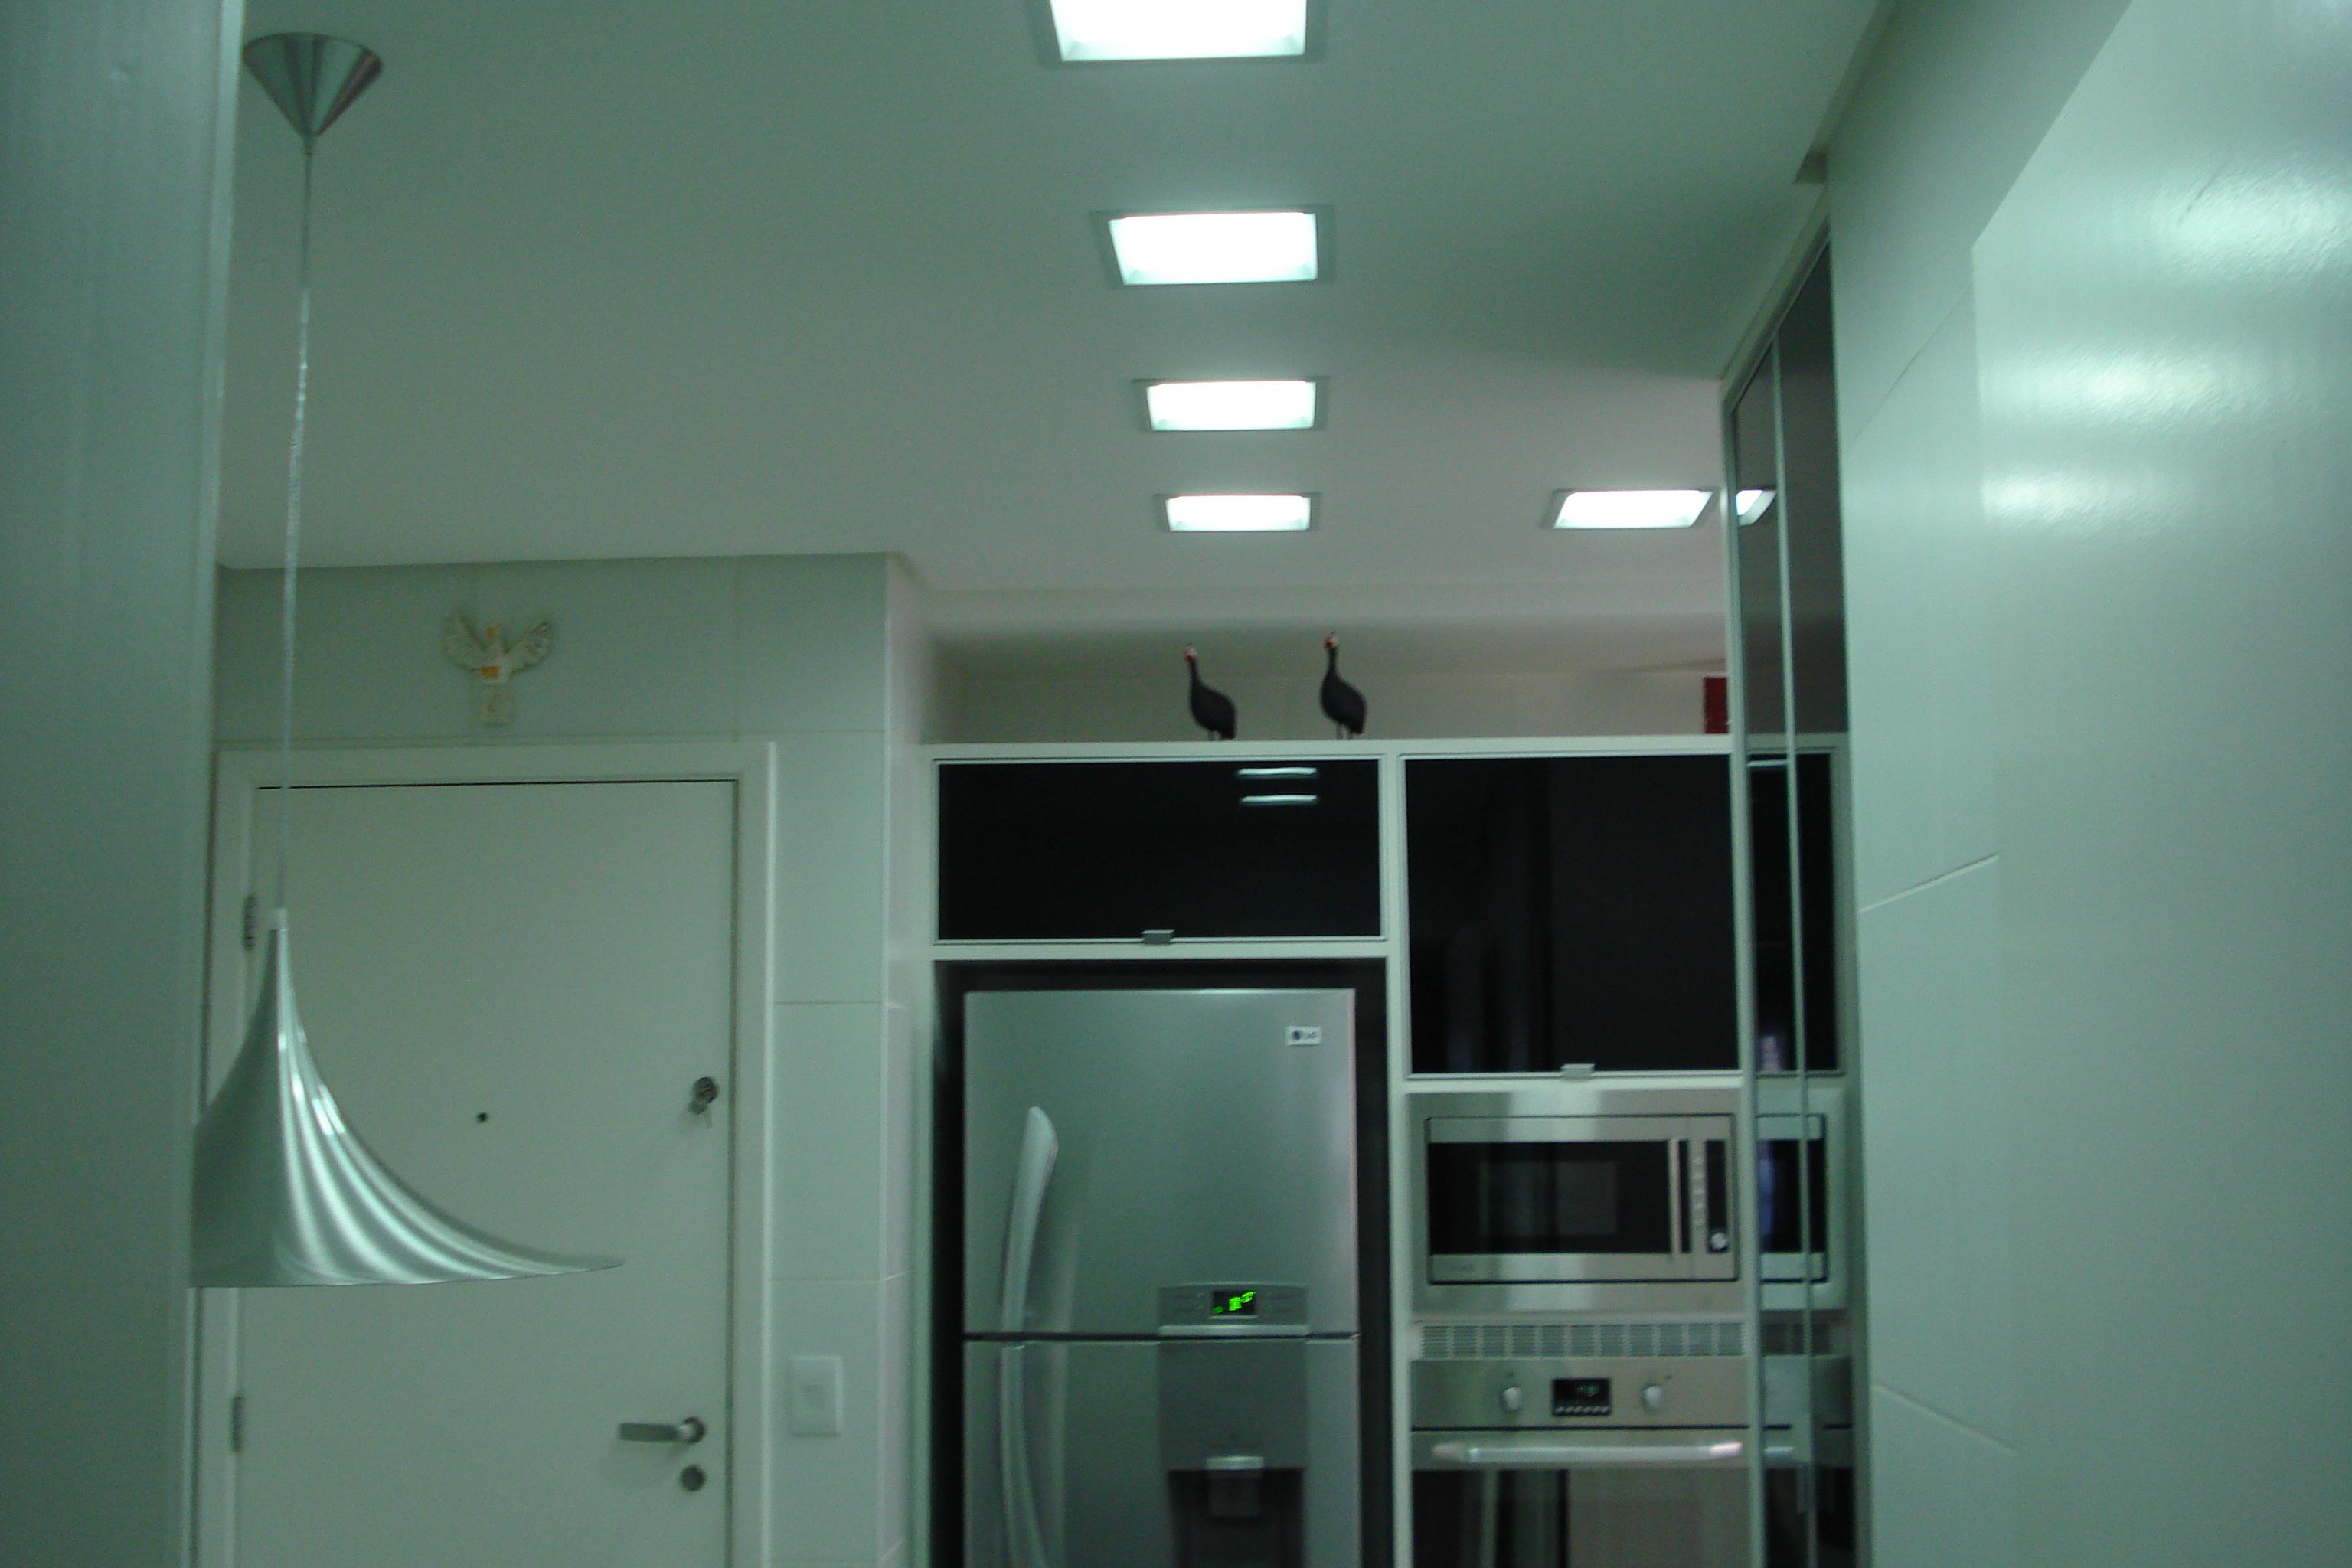 05 - Forro Tabicado + Iluminação